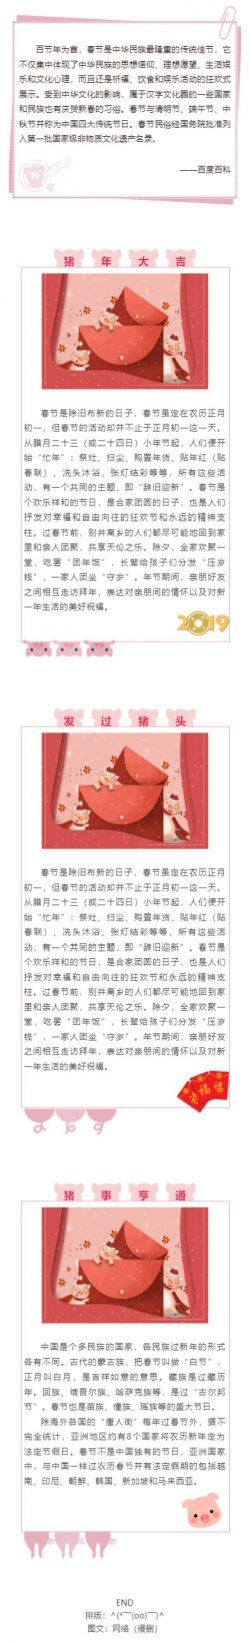 春节是中华民族最隆重的传统佳节推送图文消息模板